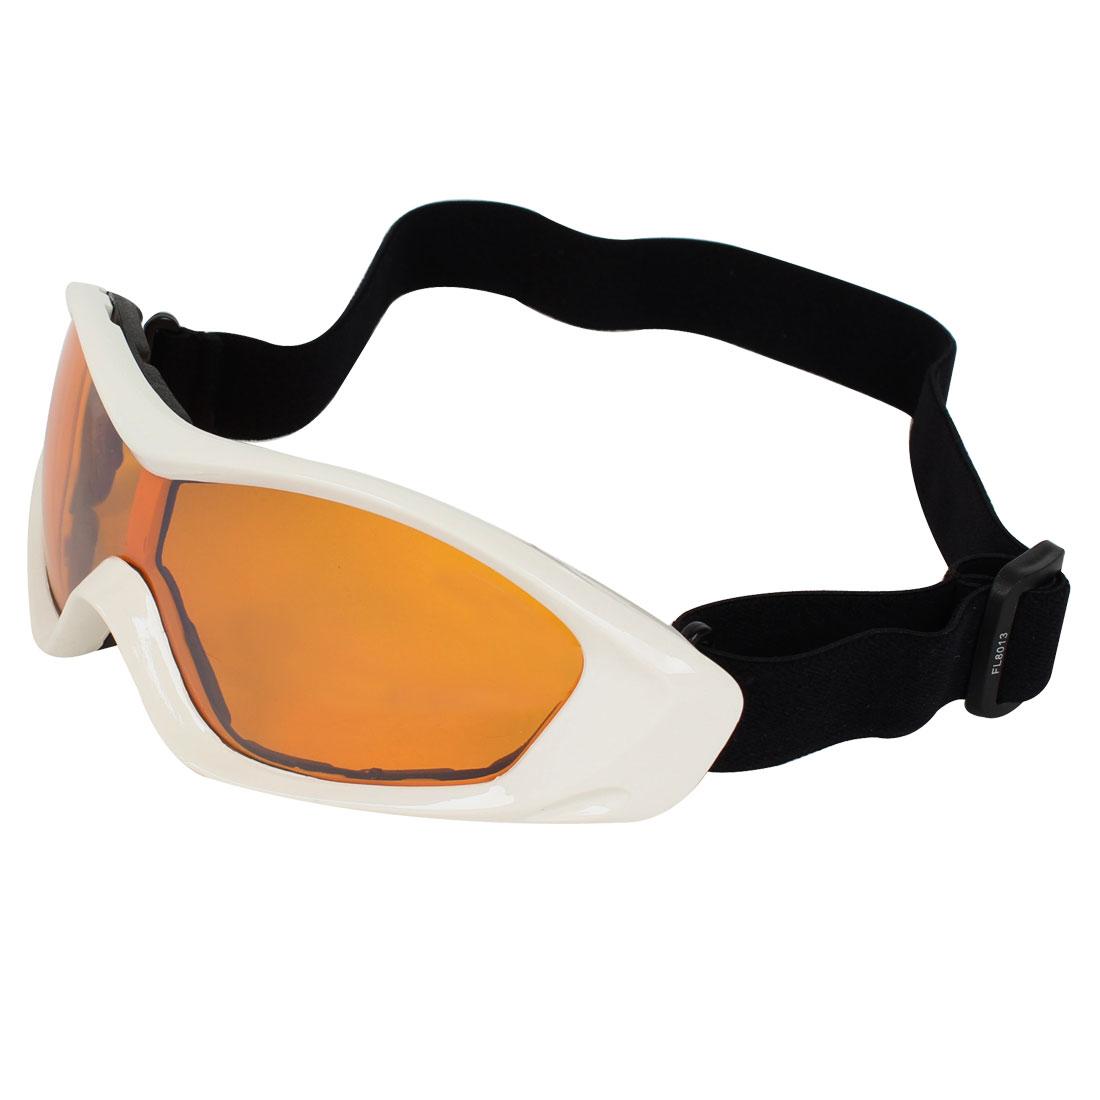 Outdoor Full Rim Clear Orange Lens Motocross Ski Snowboard Sport Goggles Glasses